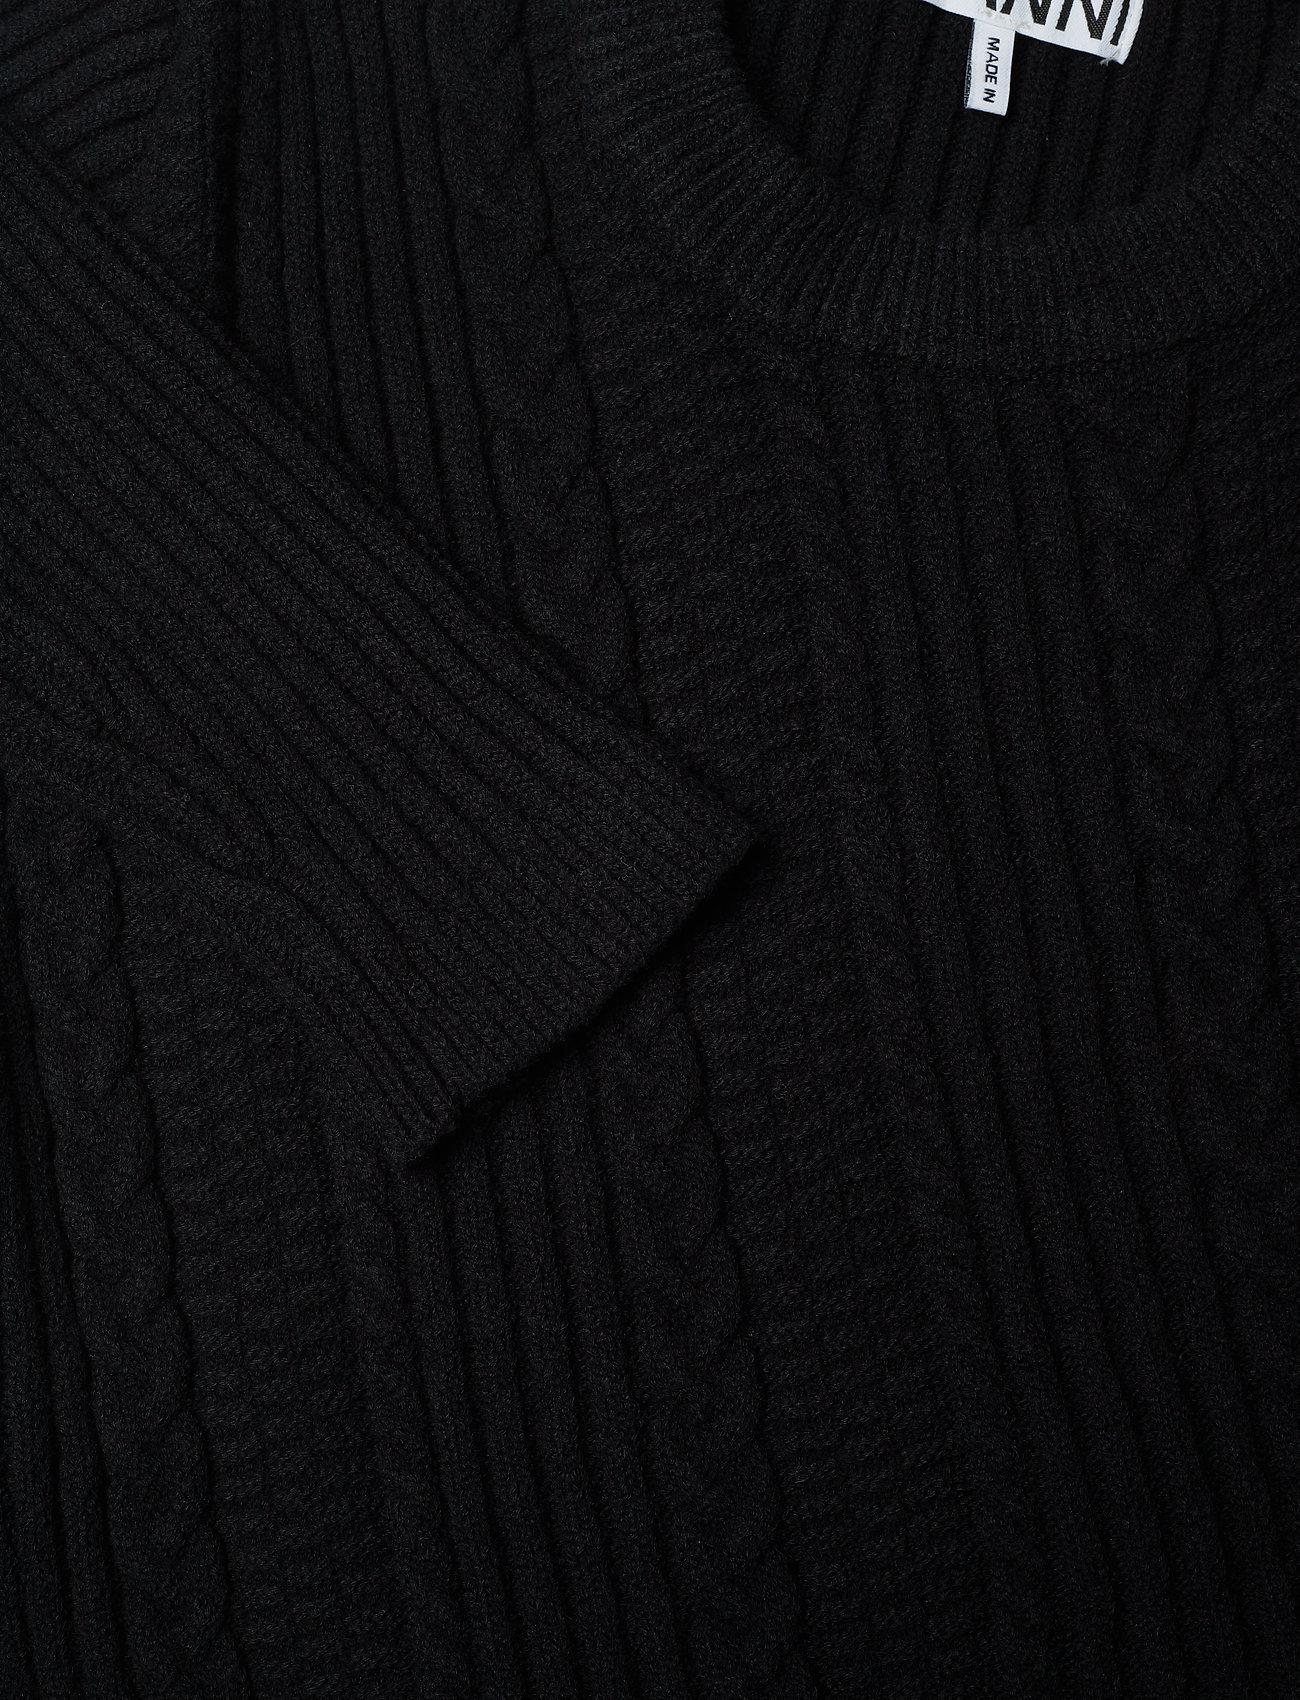 PulloverblackGanni Cotton Cotton PulloverblackGanni Cotton Knit Knit PulloverblackGanni Cotton Knit pMGqUzSVL